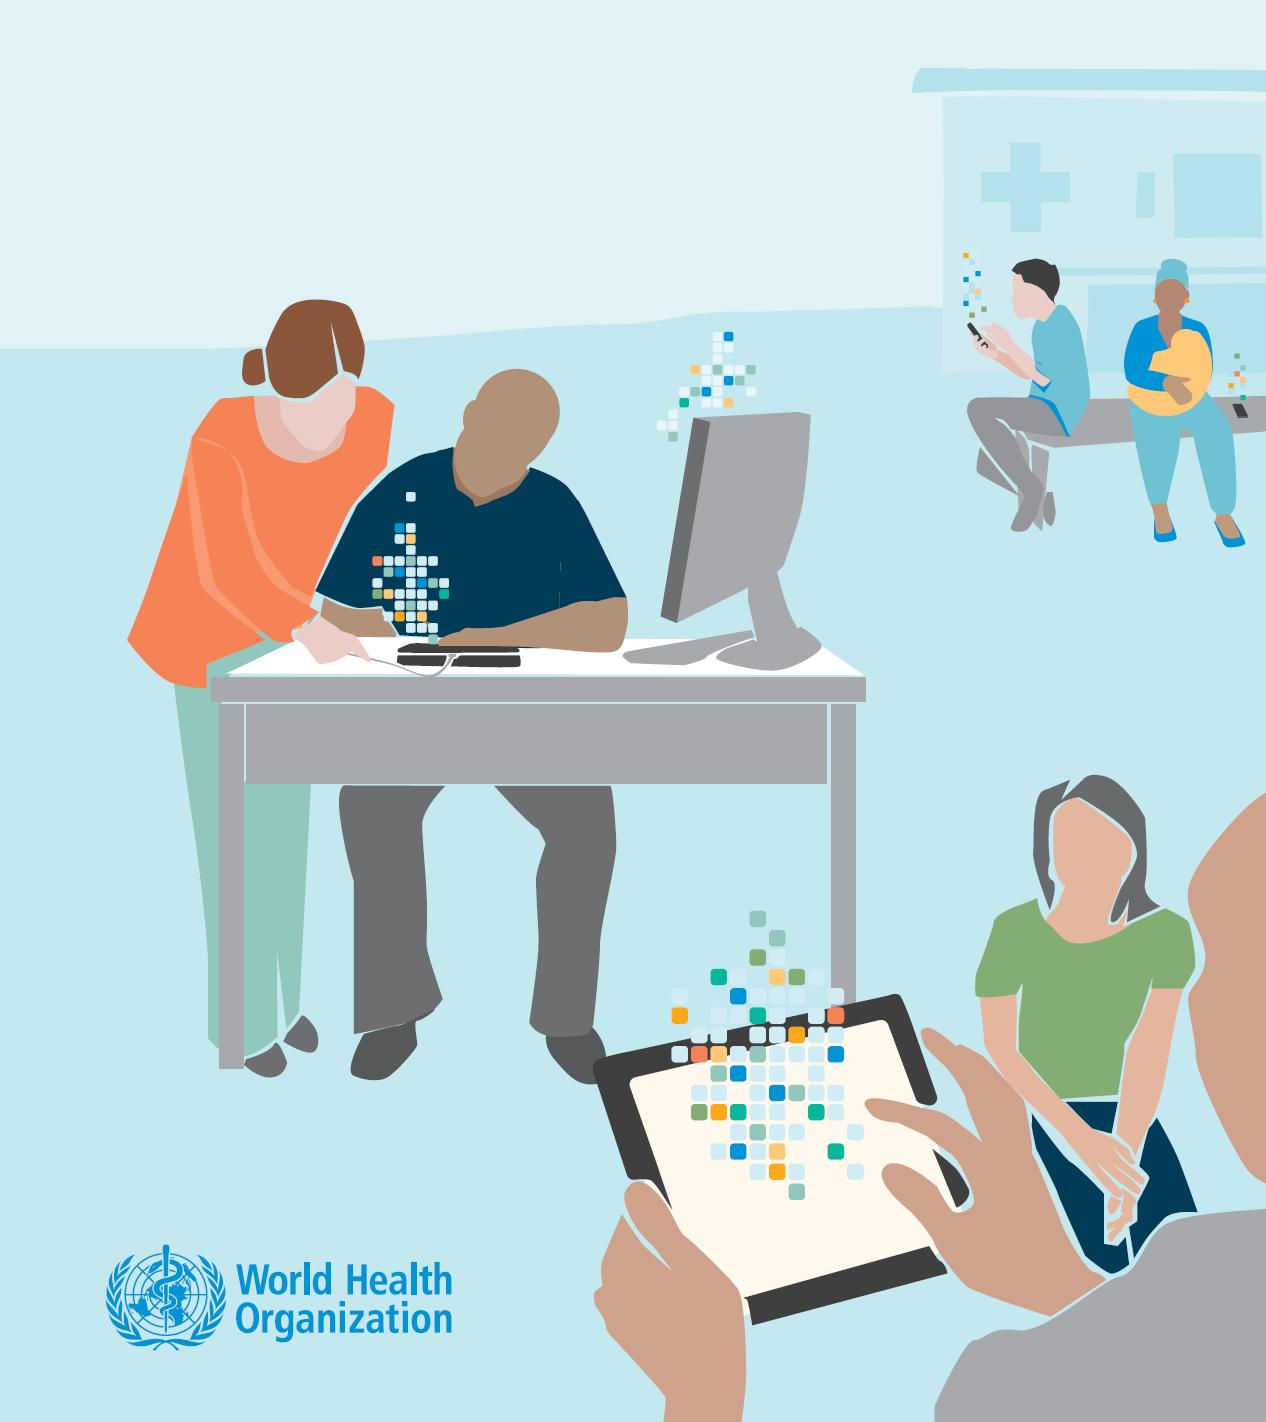 نحوه اجرای سلامت دیجیتال در کشورها از نظر سازمان جهانی بهداشت